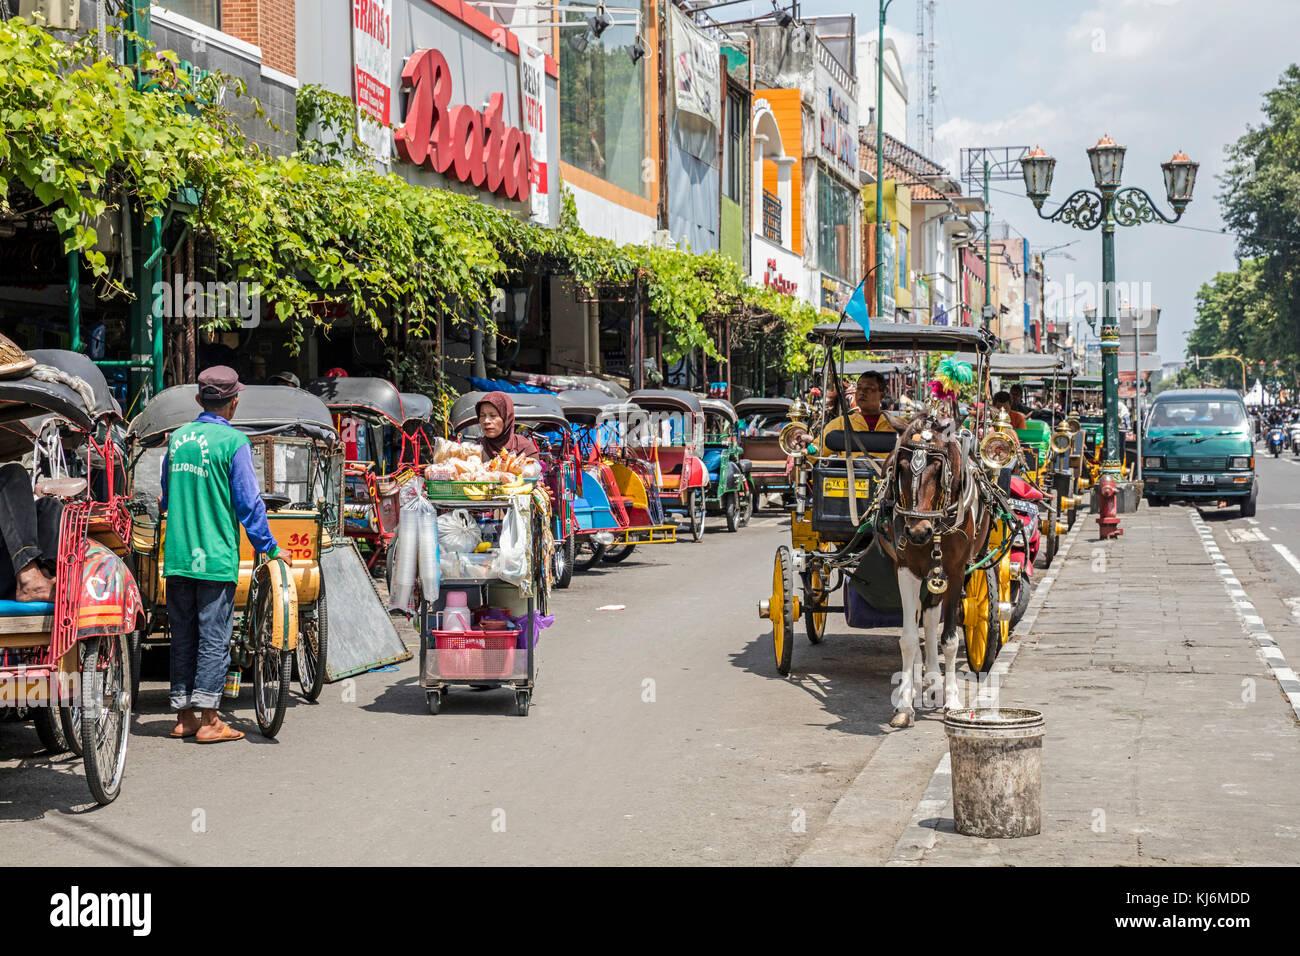 Zyklus Rikschas/becak und Pferdekutschen für den öffentlichen Verkehr in der Jalan Malioboro, wichtigsten Einkaufsstraße in Yogyakarta, Java, Indonesien Stockfoto